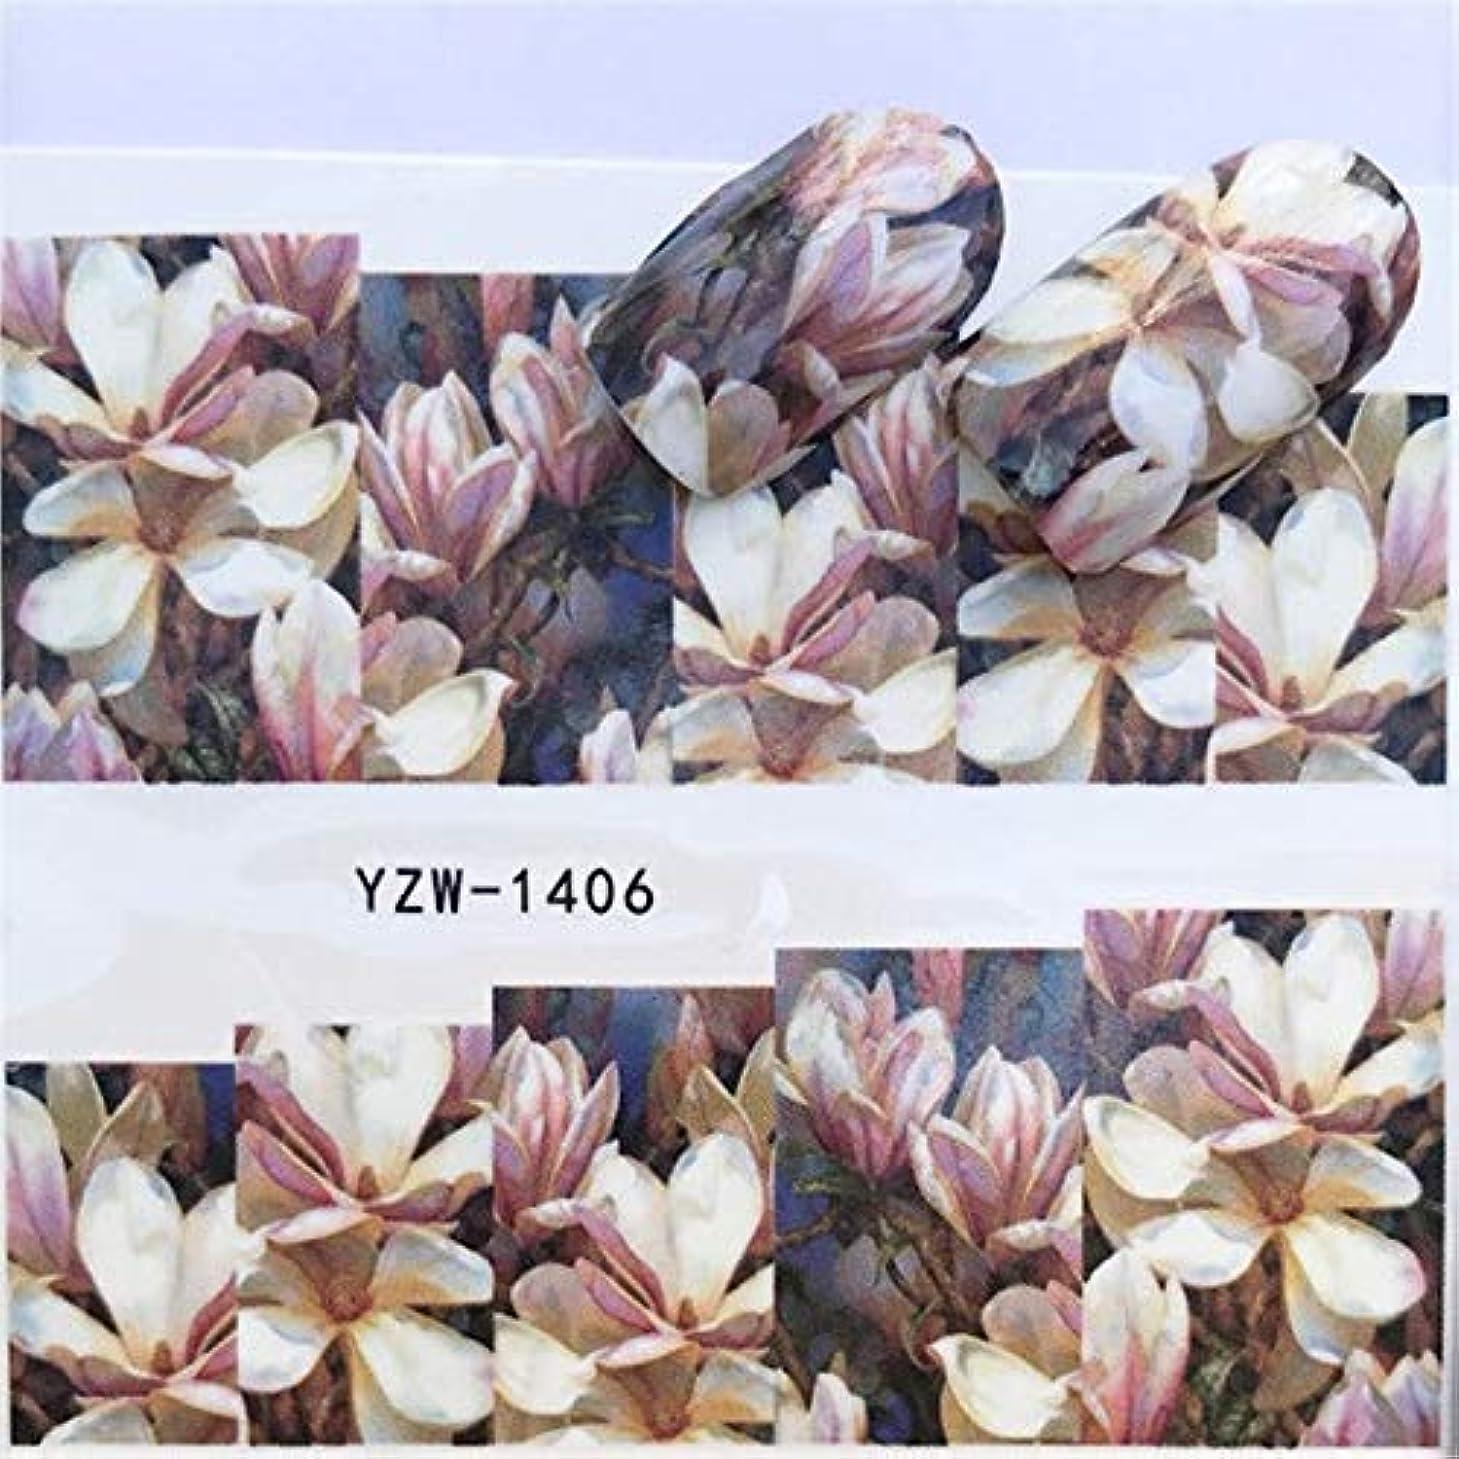 知り合いになる吐くカンガルーSUKTI&XIAO ネイルステッカー Diyマニキュアの装飾のための1枚のシートの中心/羽/花/動物水デカールのネイルアートの移動のステッカー